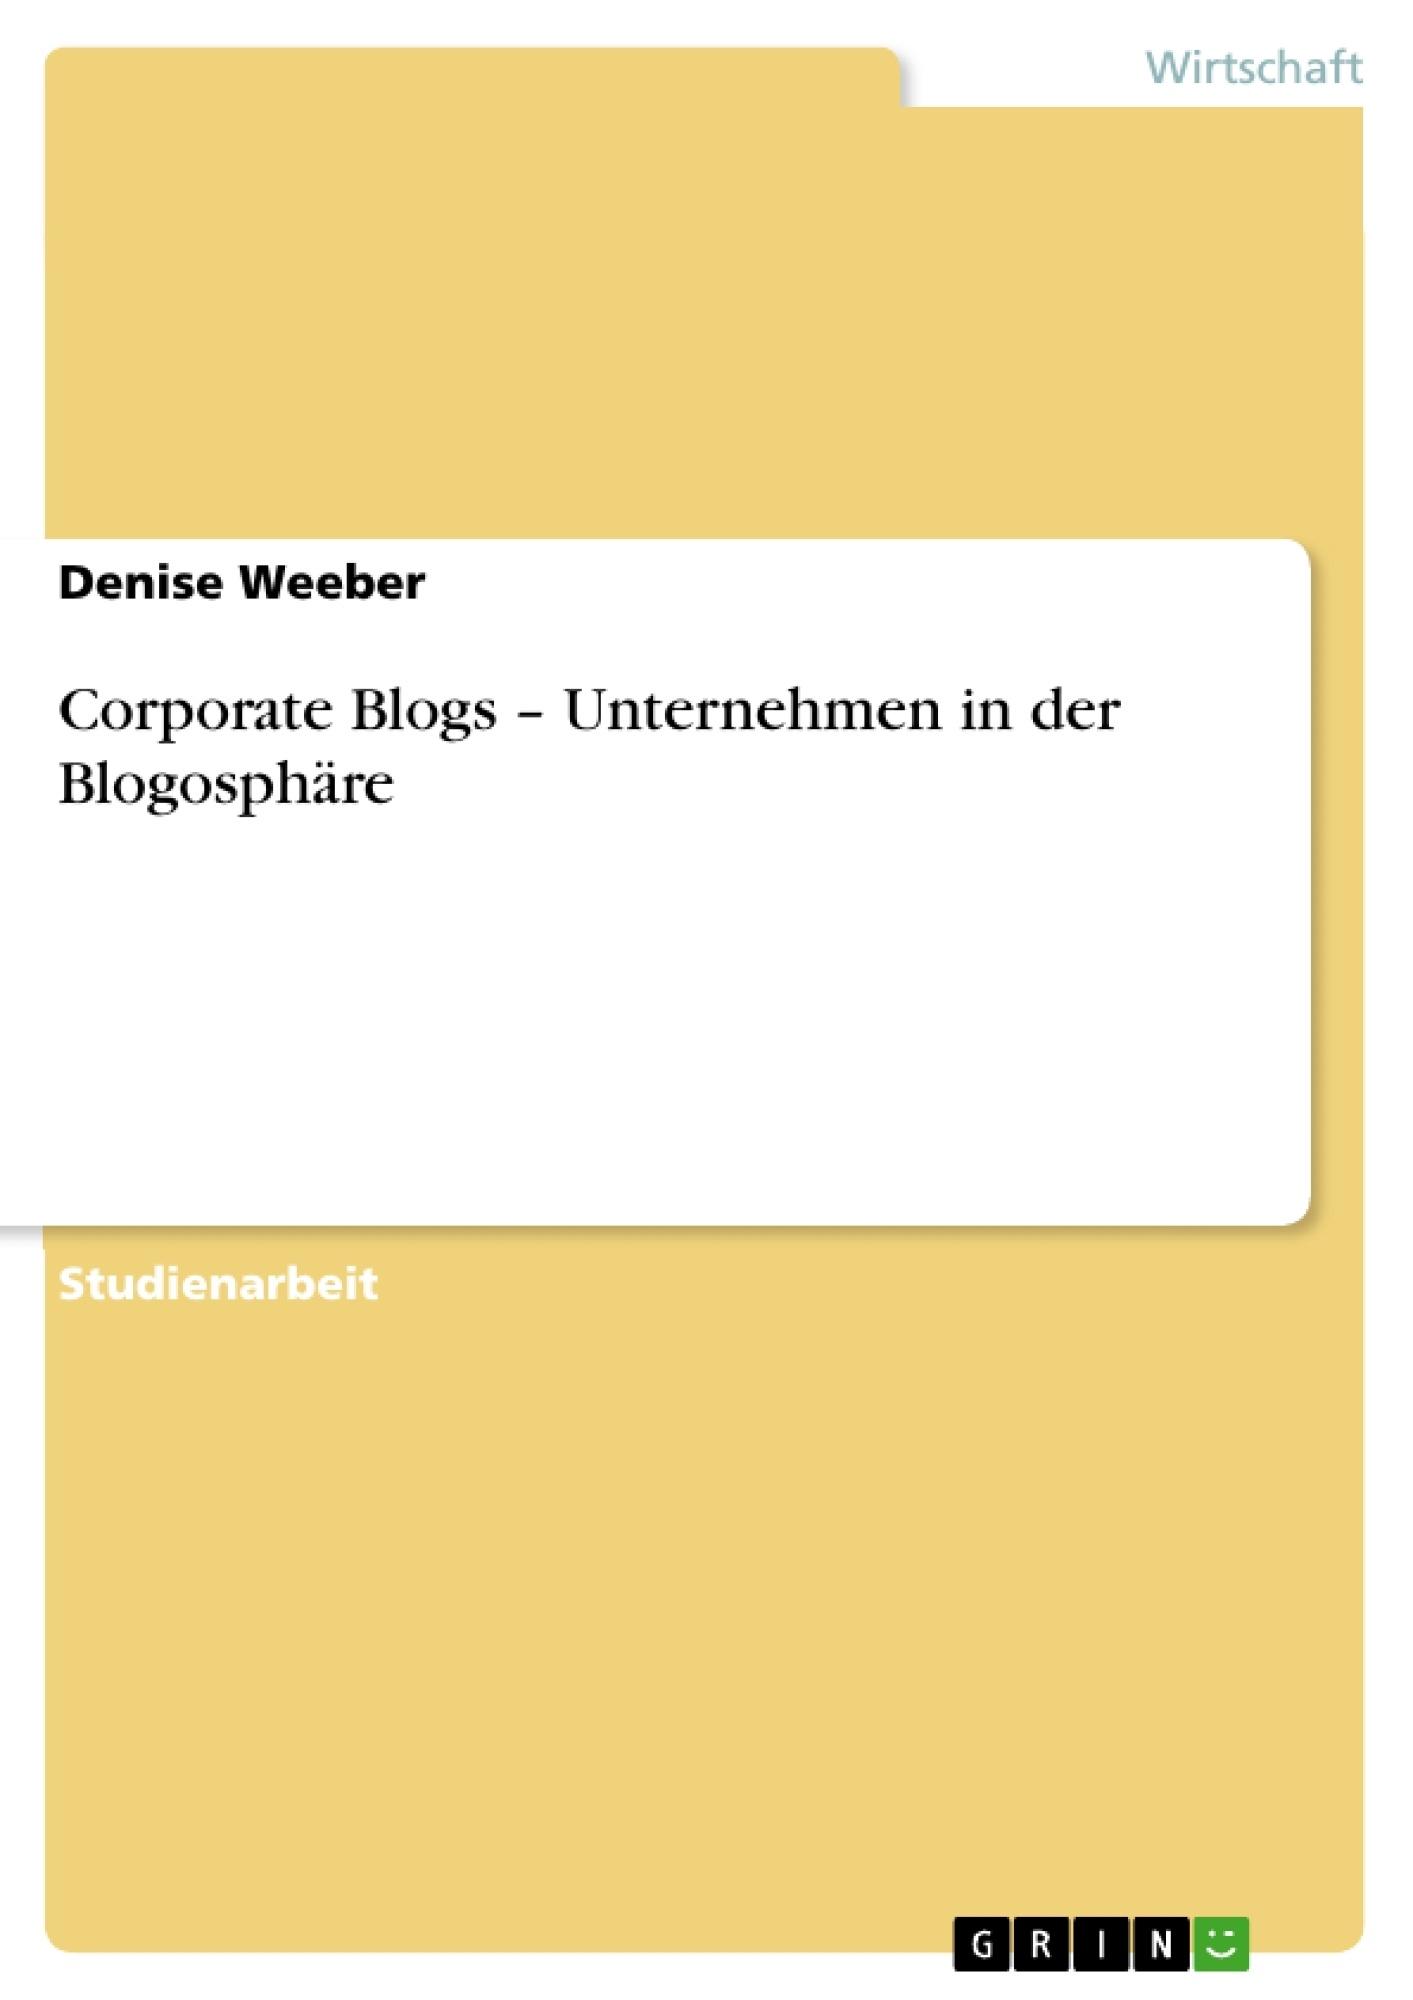 Titel: Corporate Blogs – Unternehmen in der Blogosphäre